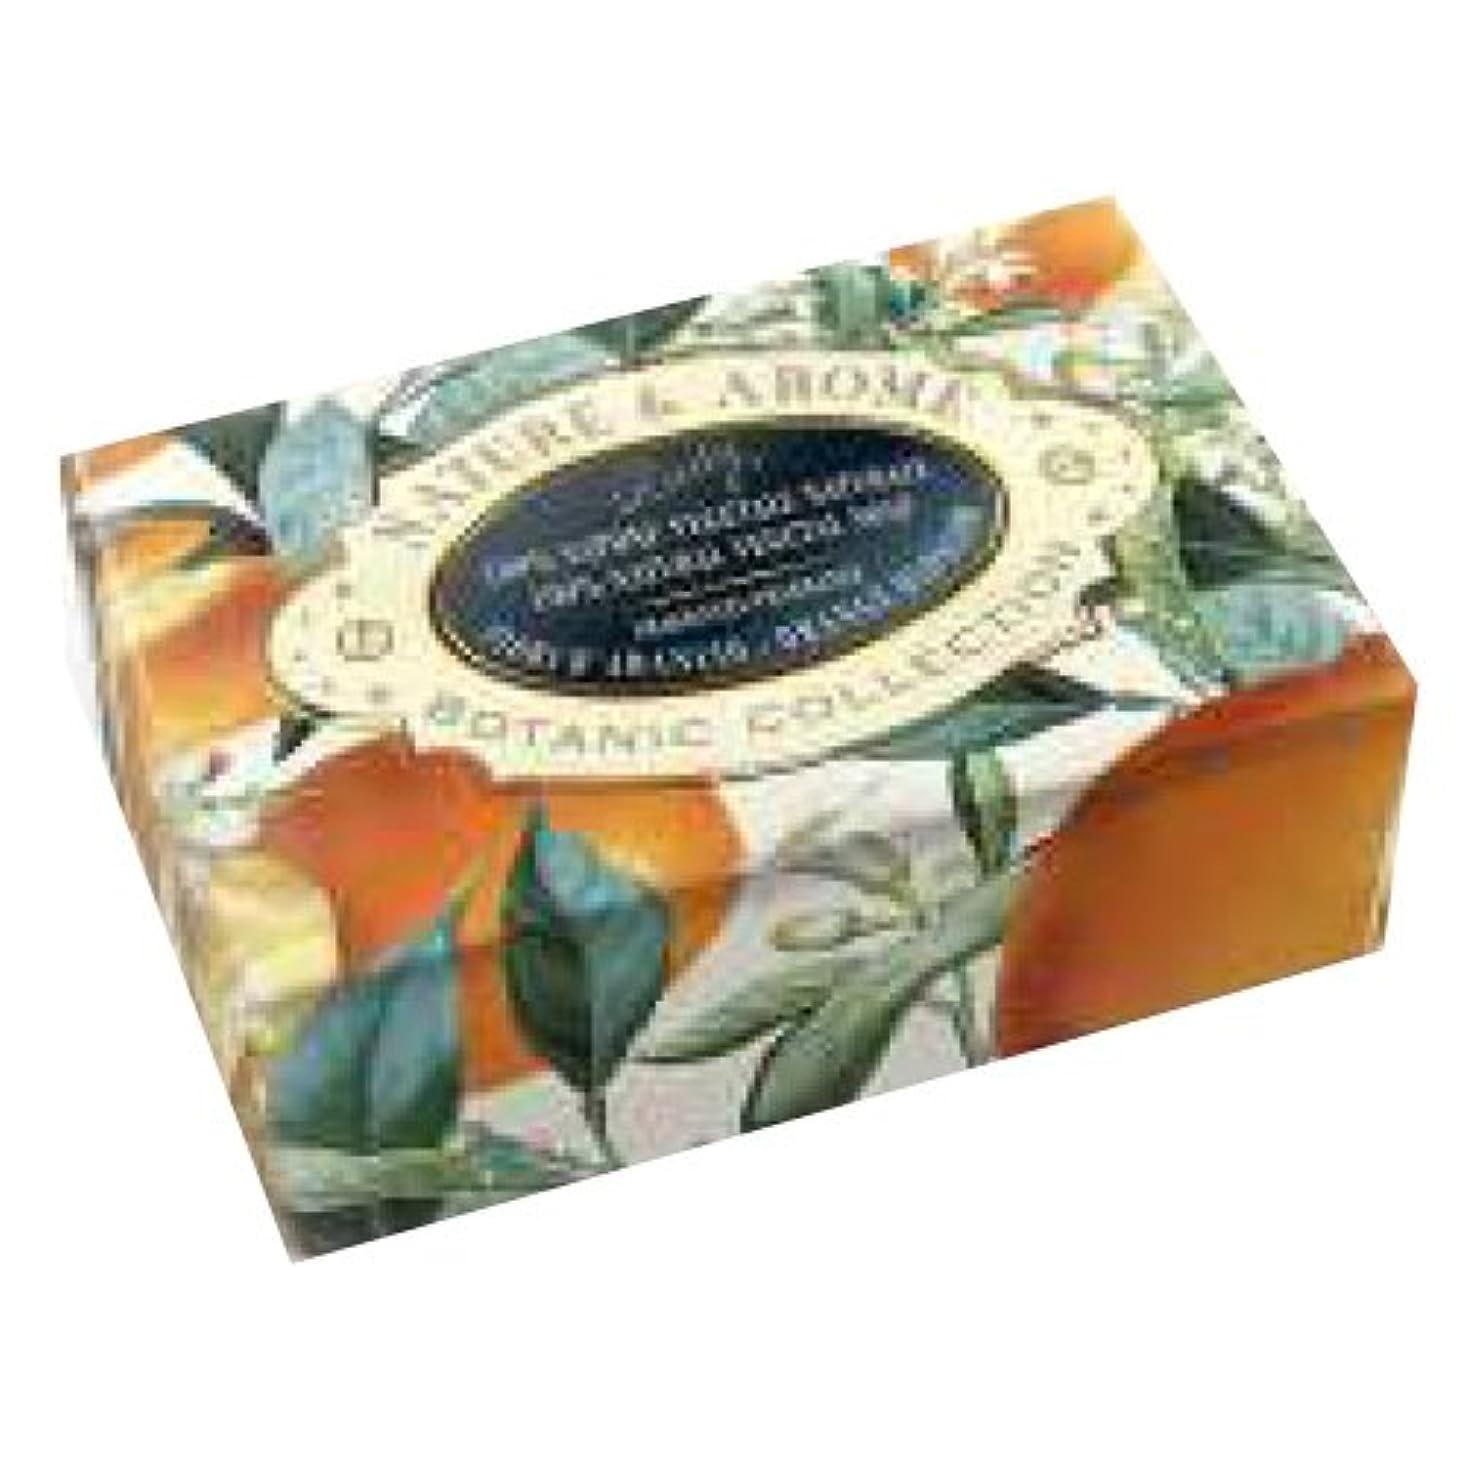 面ナビゲーション成長するRUDY Nature&Arome SERIES ルディ ナチュール&アロマ Soap ソープ オレンジブロッサム